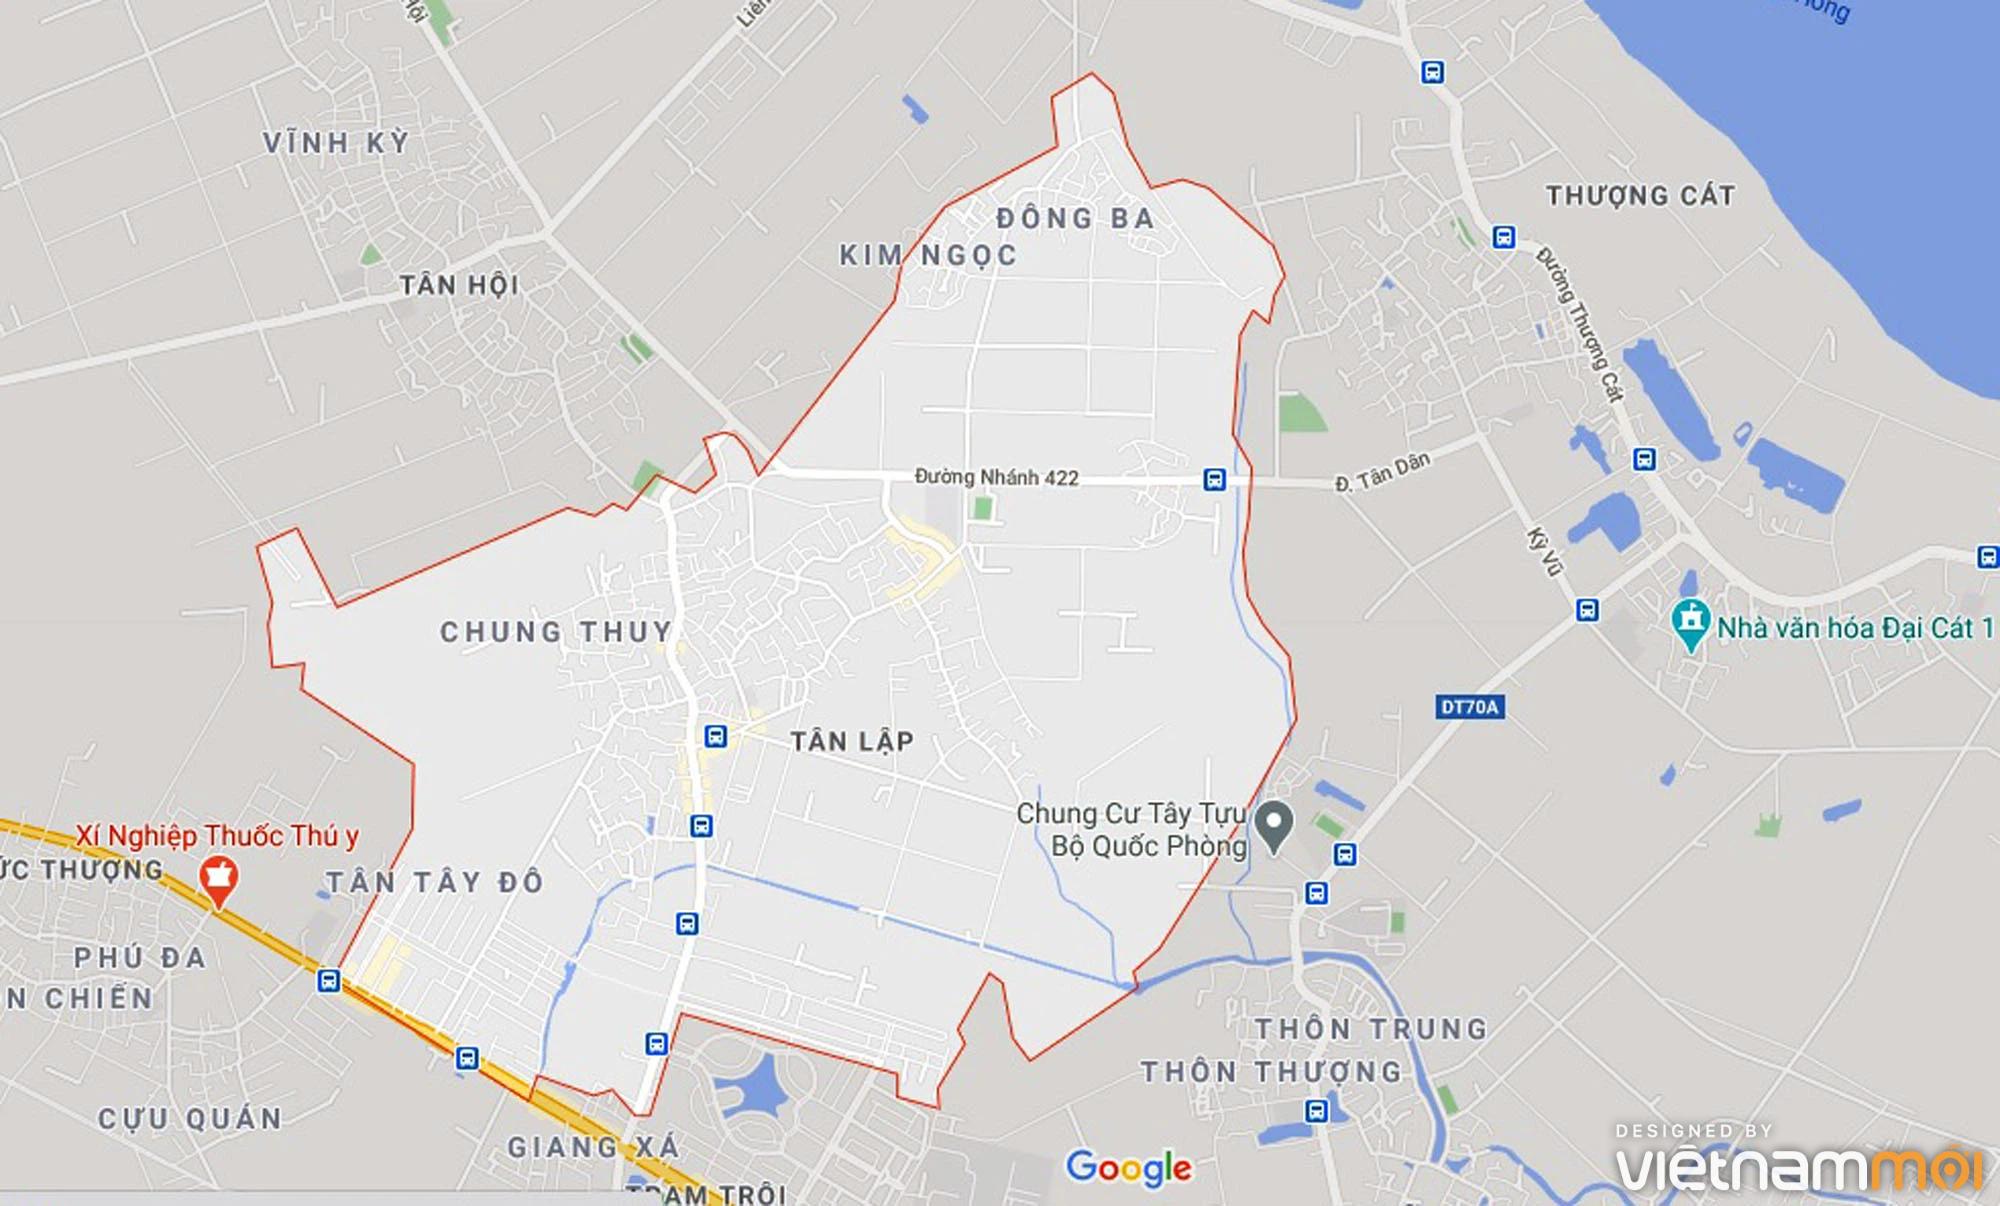 Đường sẽ mở theo quy hoạch ở xã Tân Lập, Đan Phượng, Hà Nội (phần 3) - Ảnh 1.